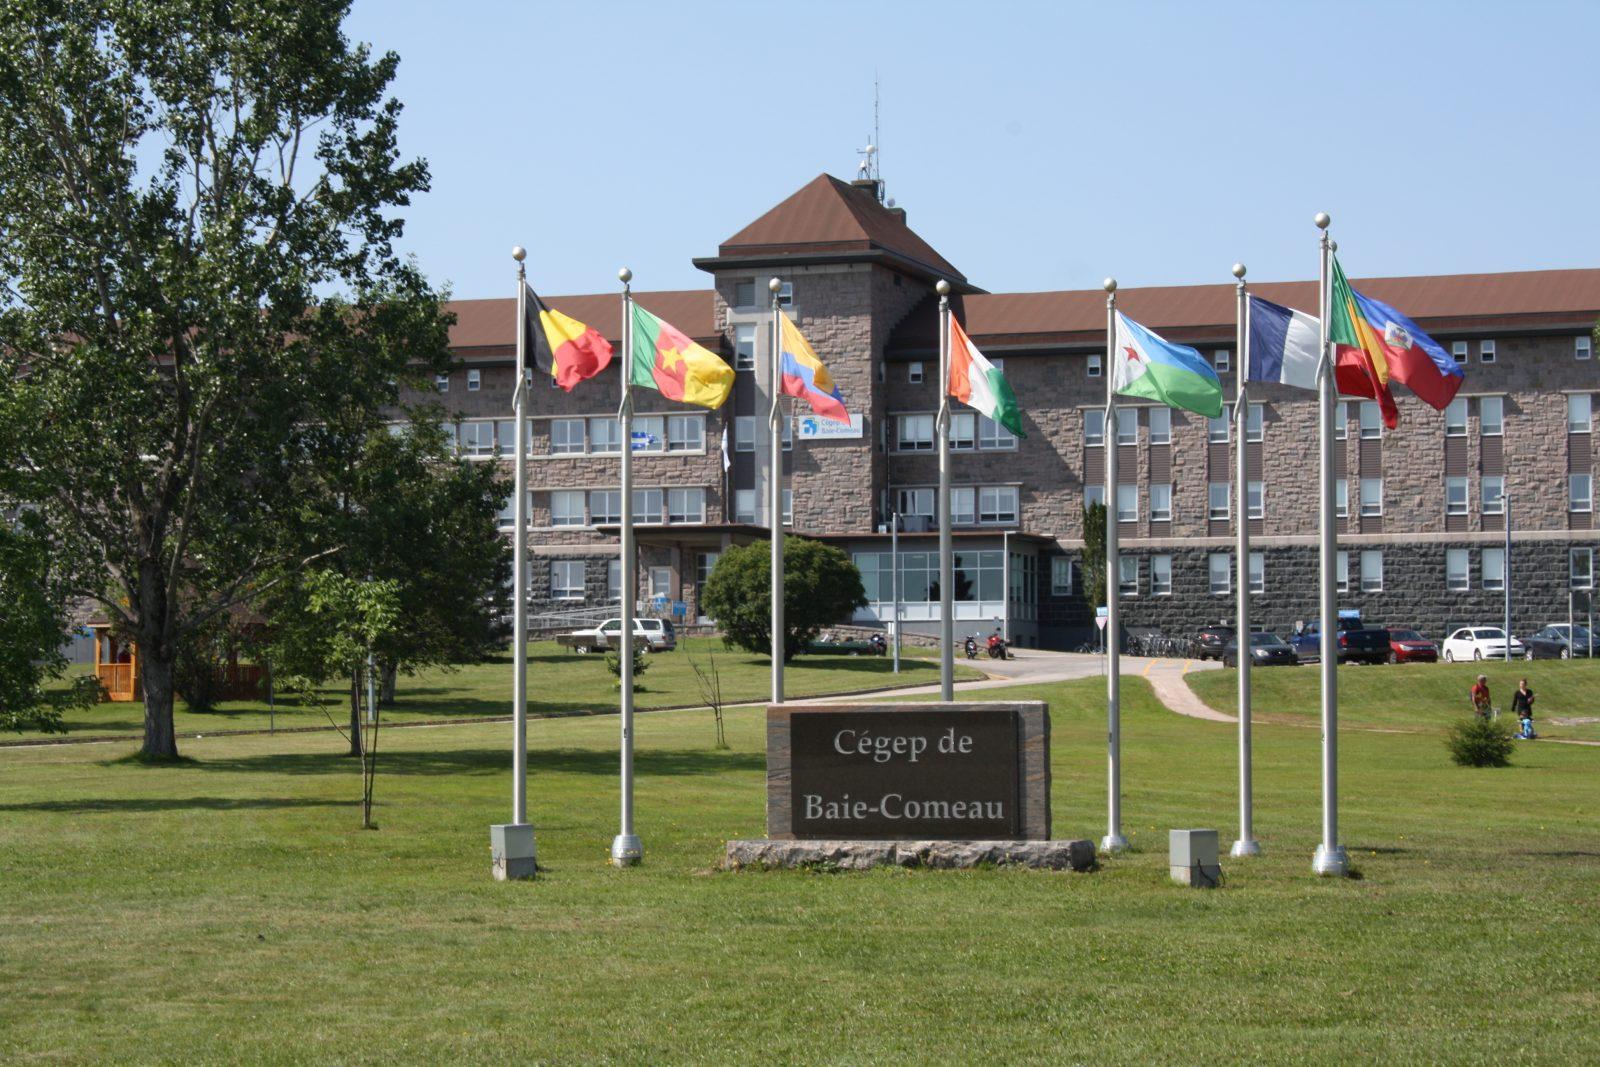 COVID-19 : le cégep de Baie-Comeau supporte les entreprises par ses formations en ligne